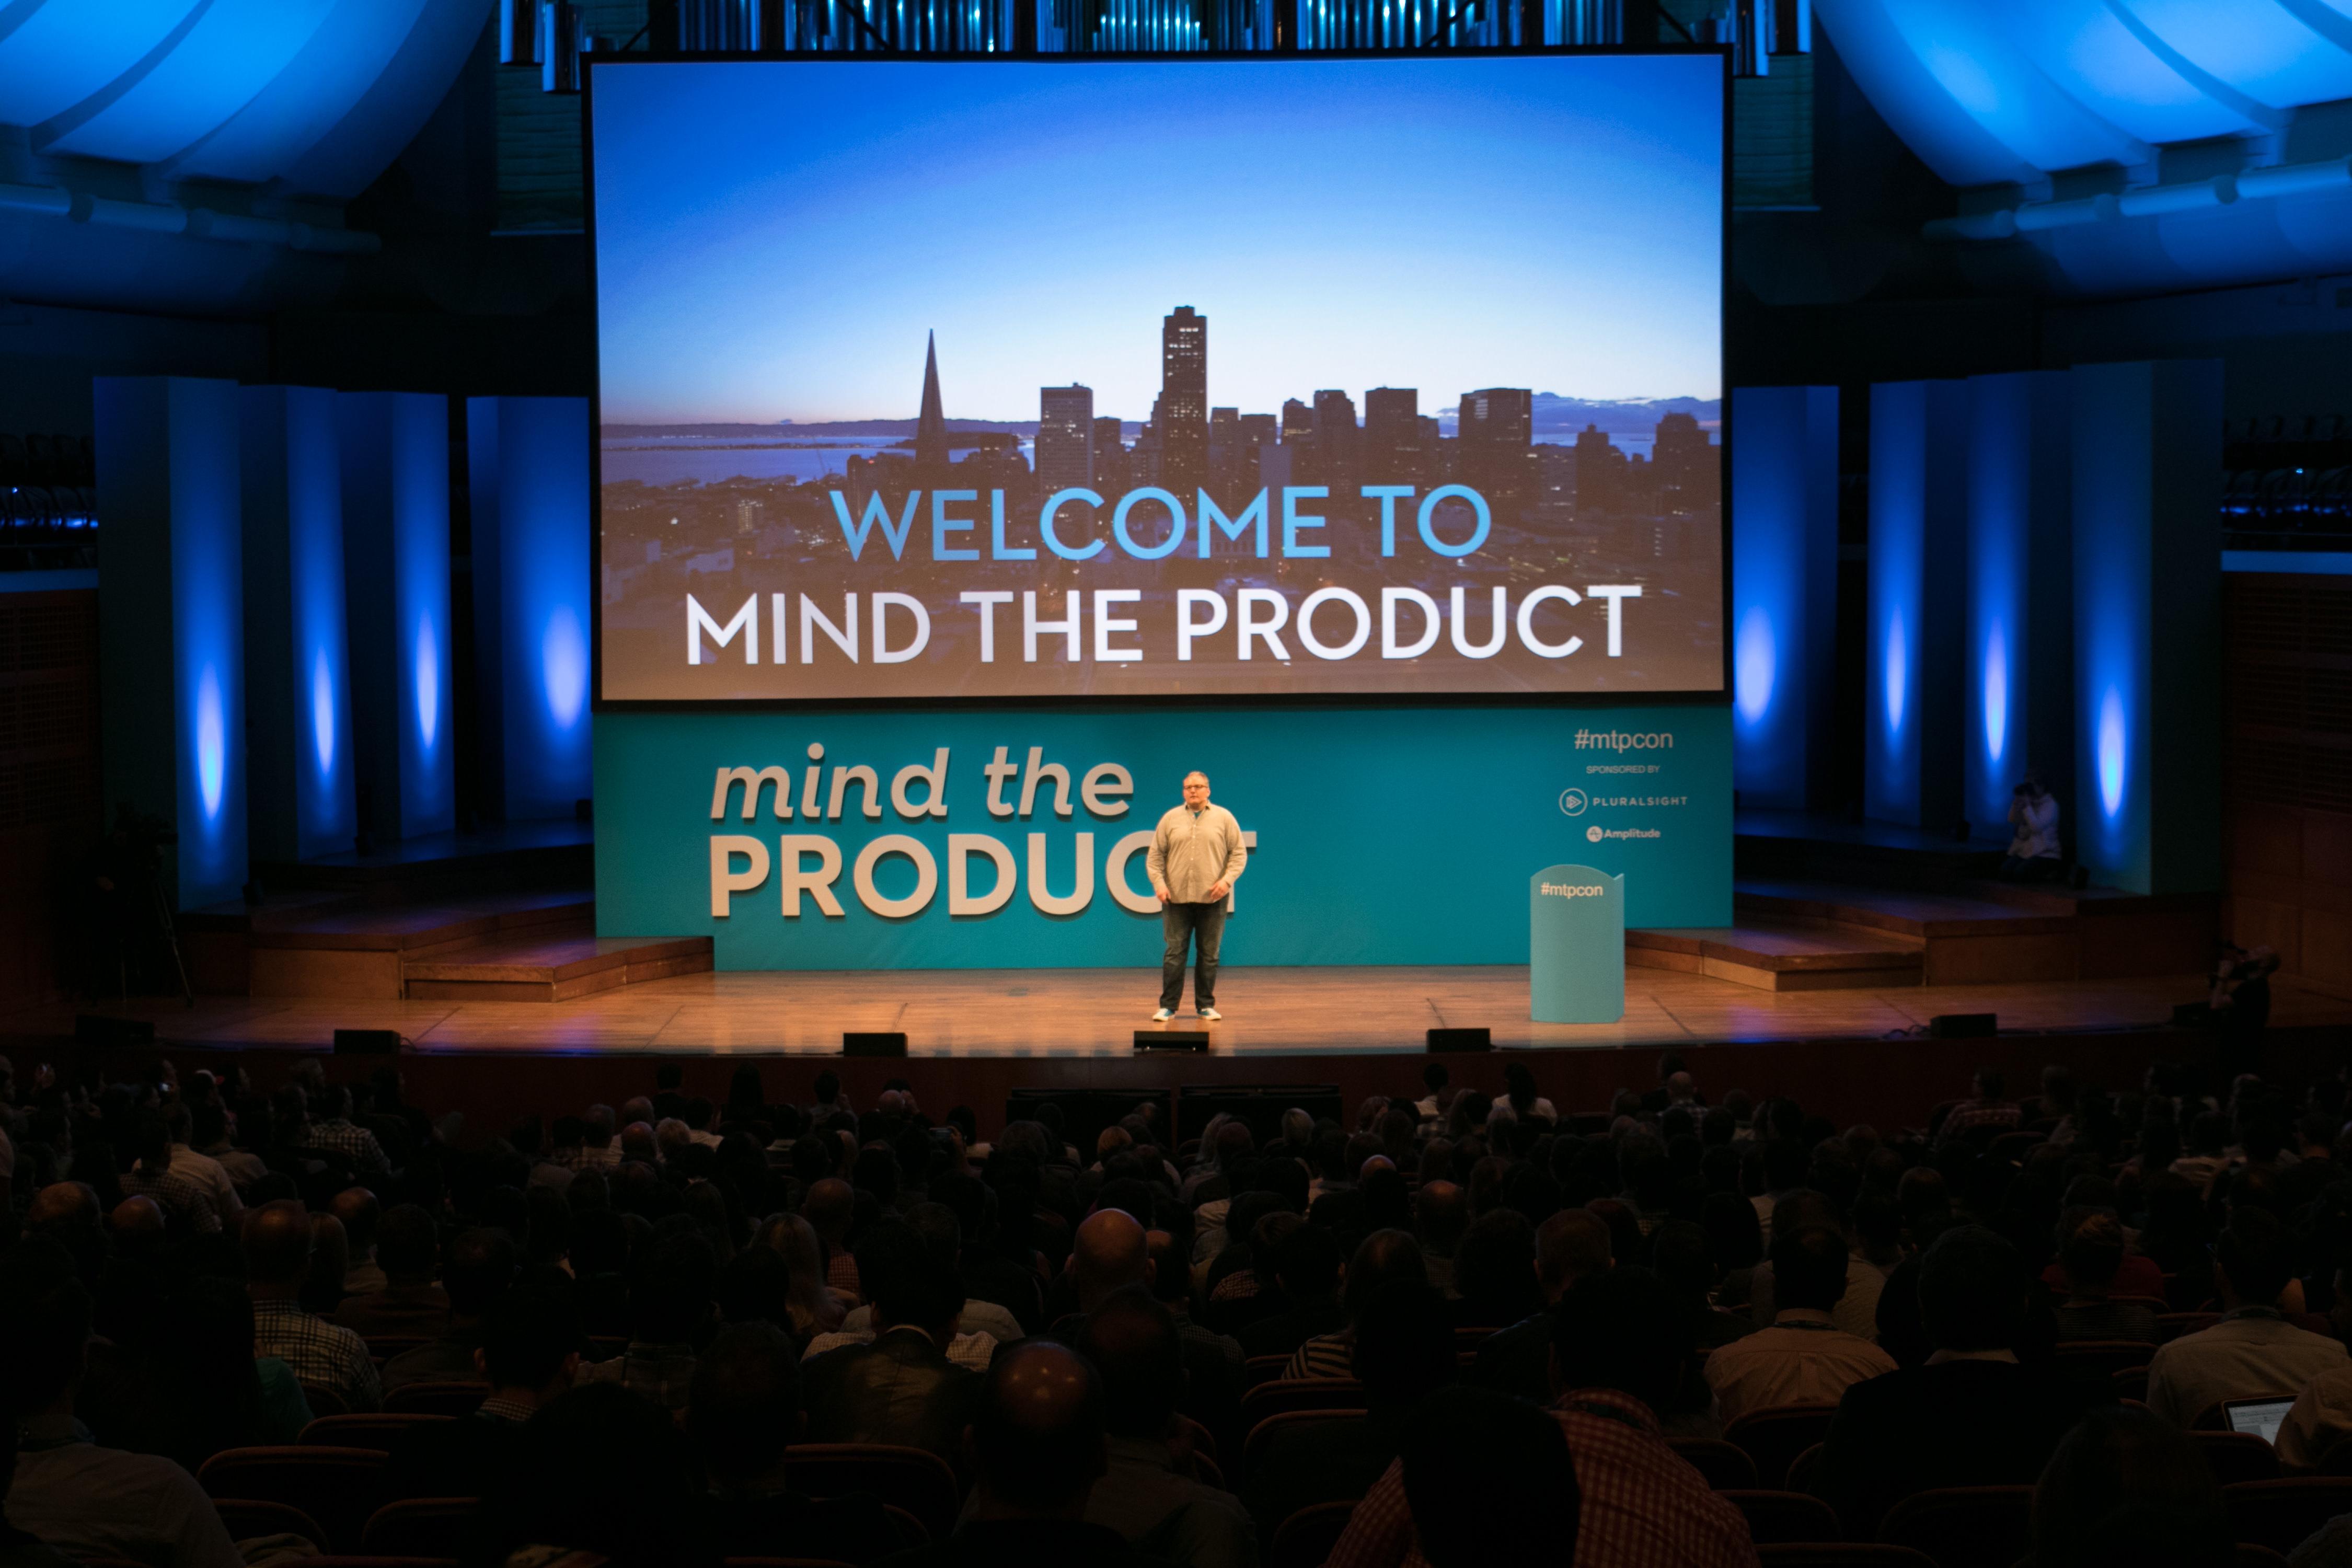 www.mindtheproduct.com